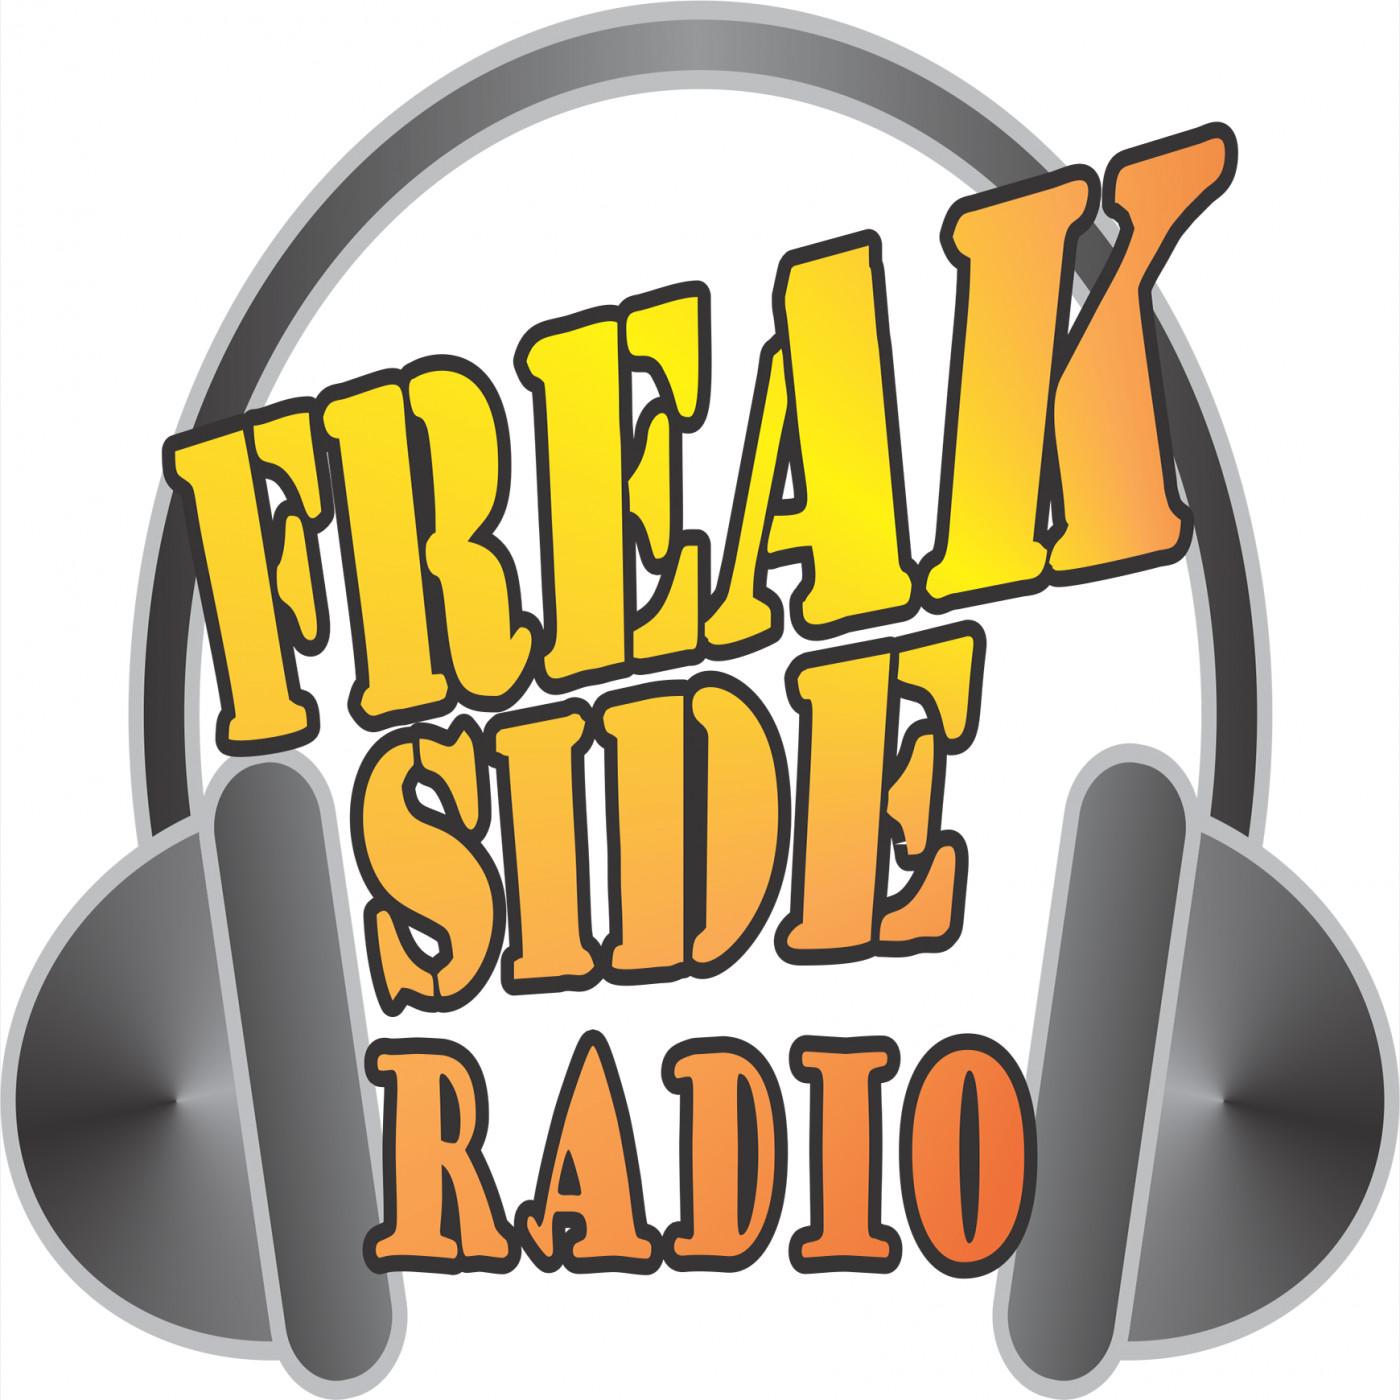 <![CDATA[Freak Side]]>